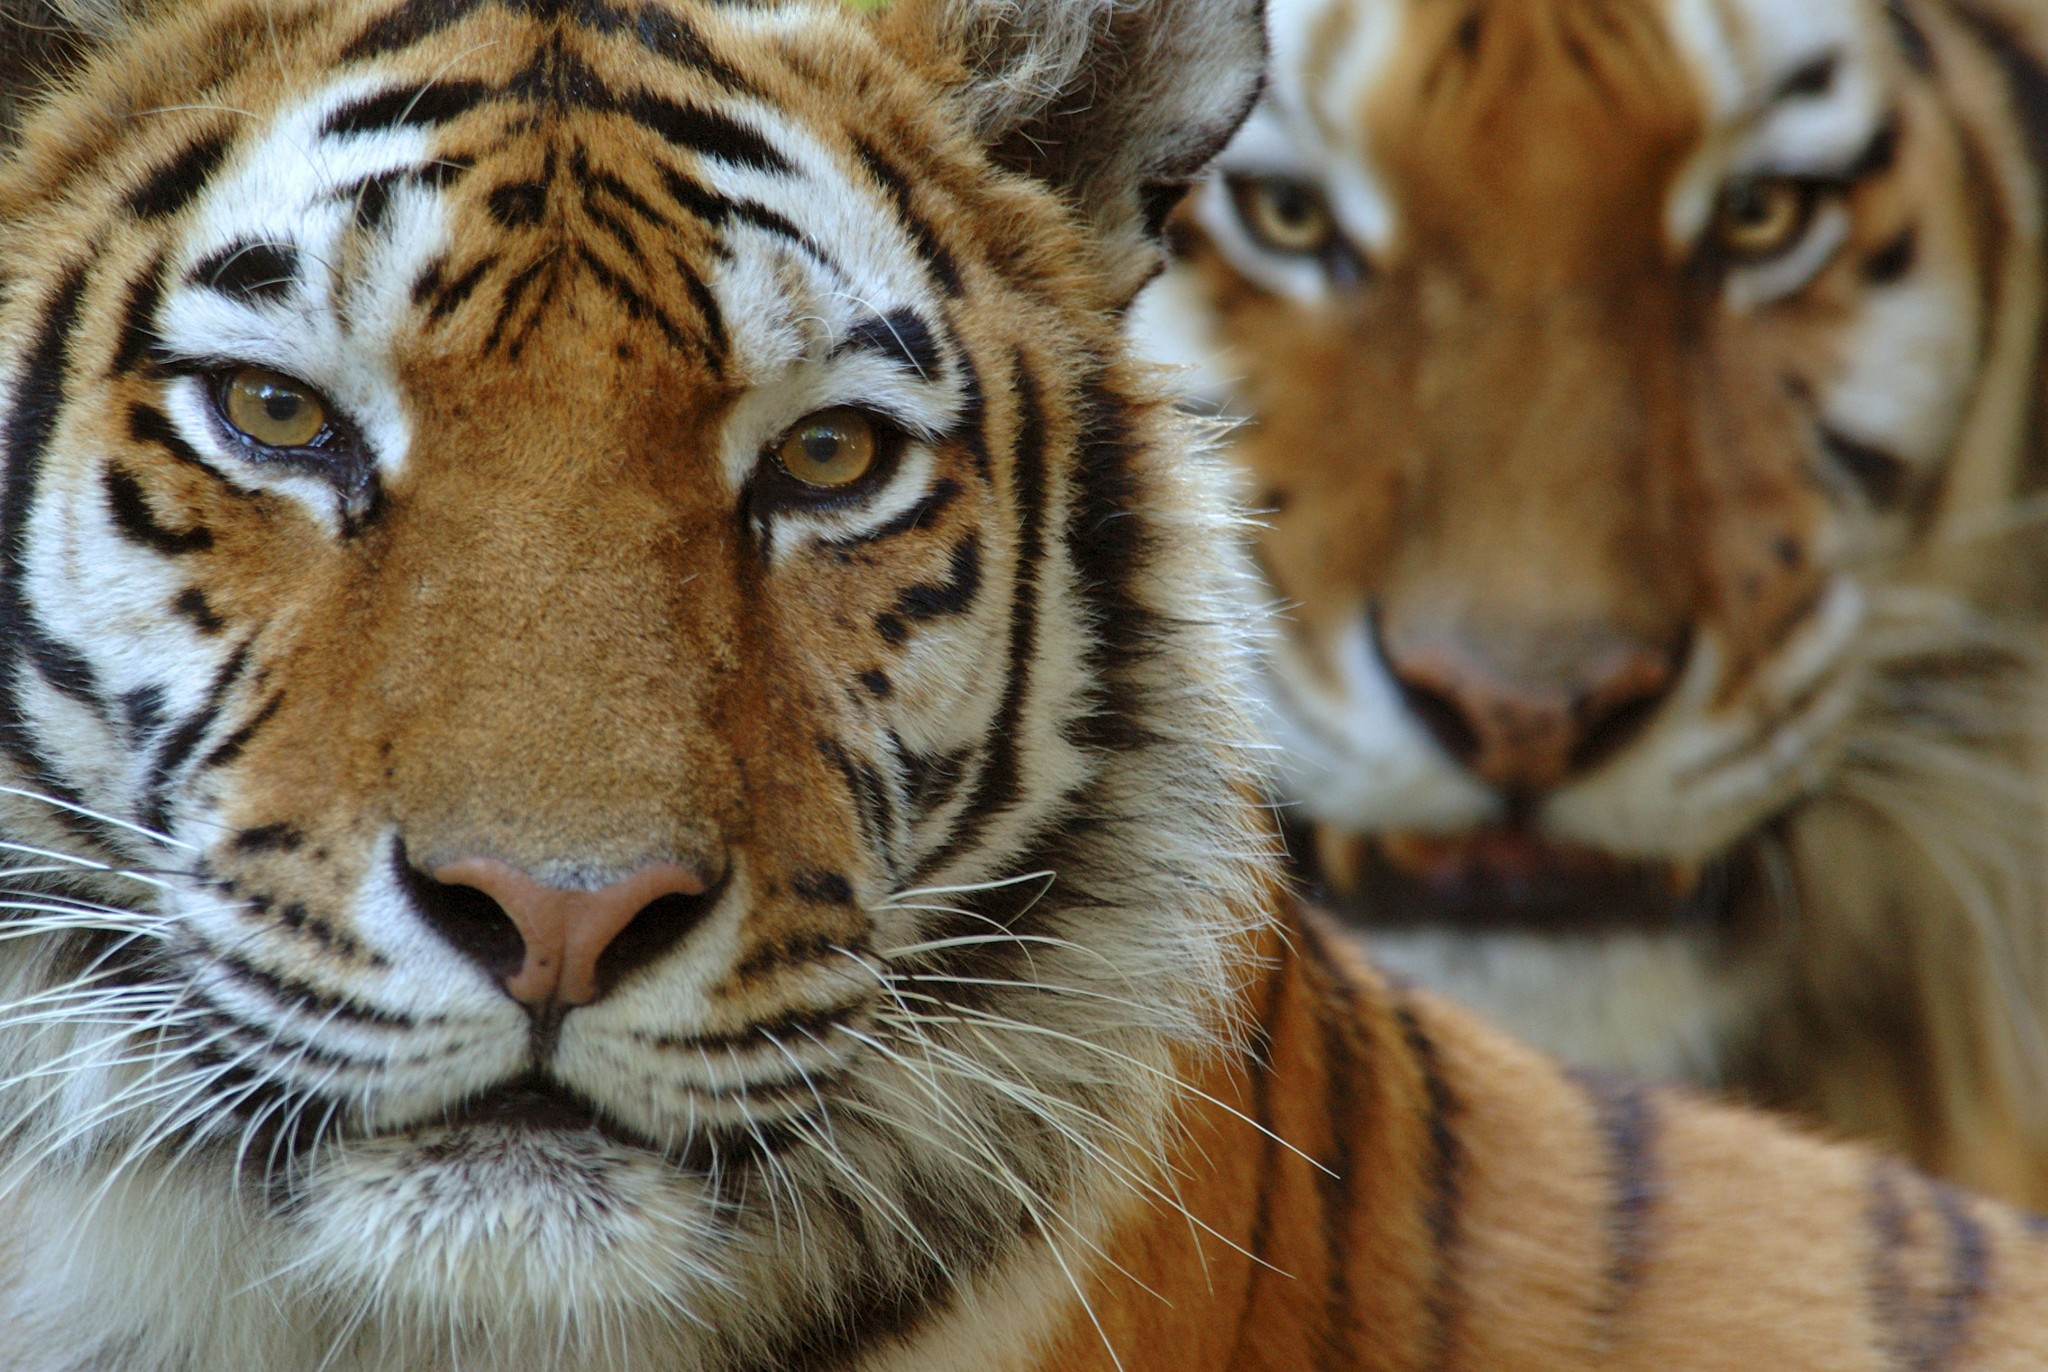 Jahresbericht 2015: Der WWF will eine deutlich höhere Tigerzahl, nicht nur am Amur